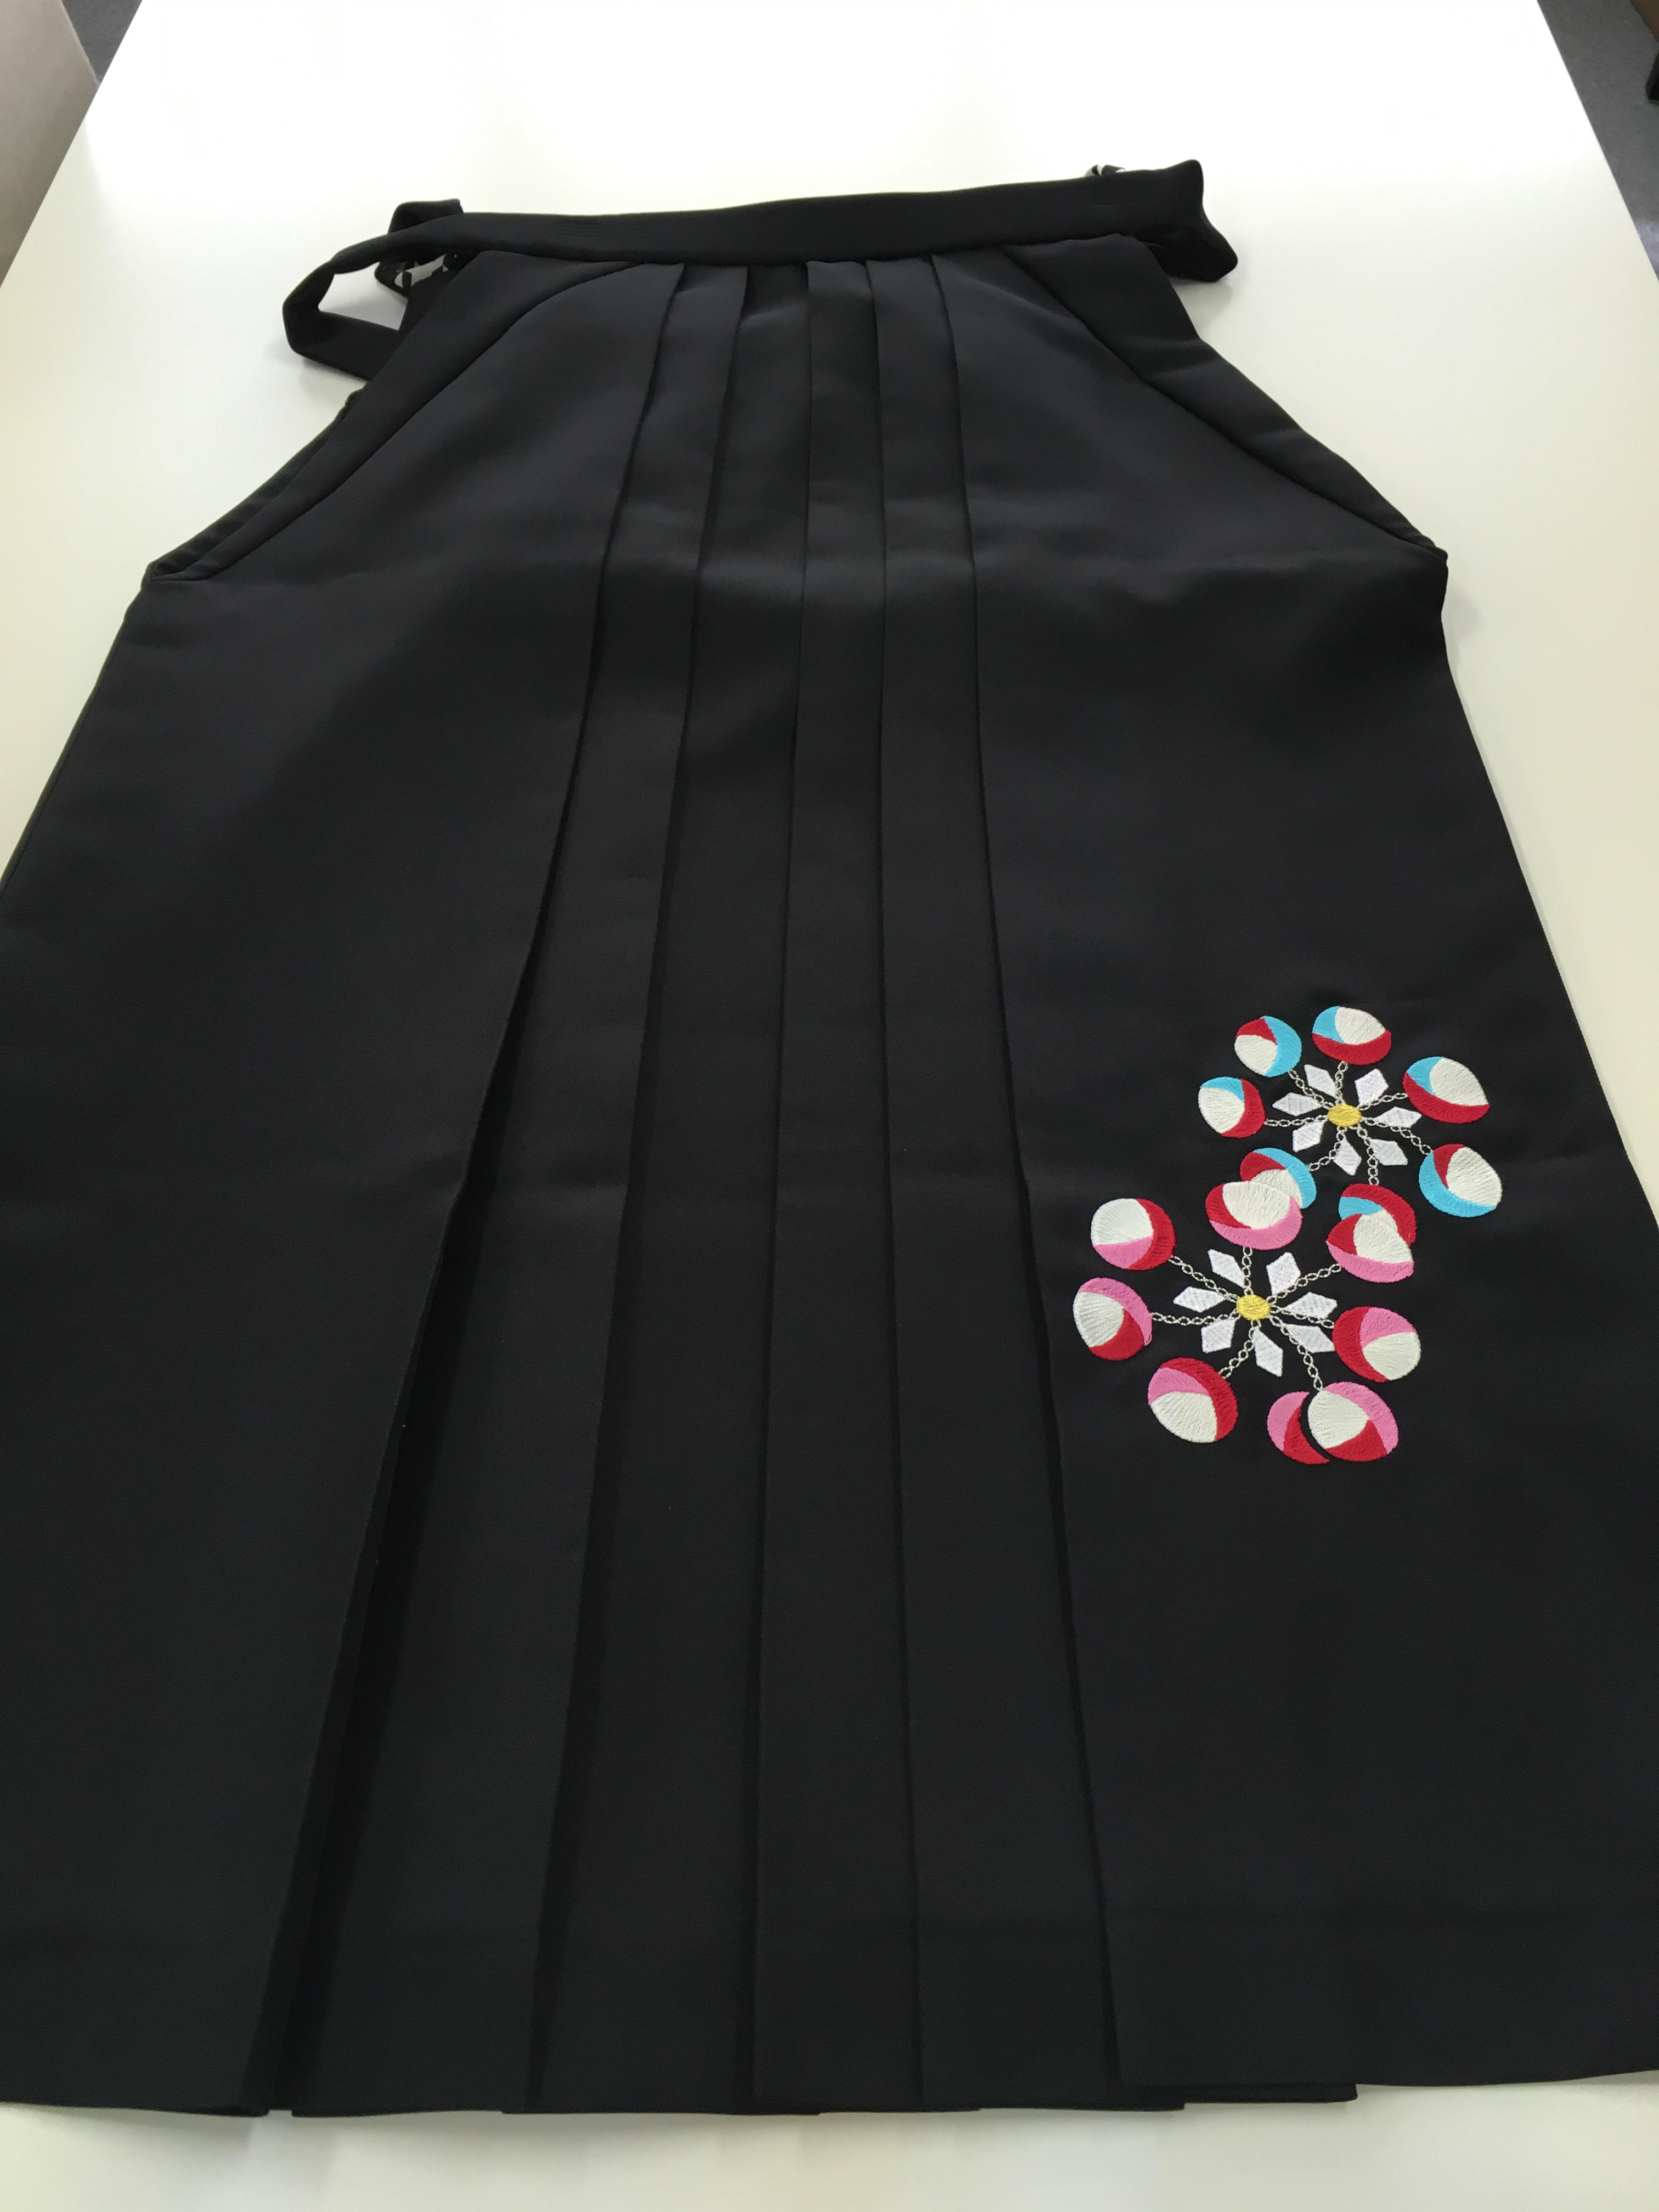 黒 袴 お洒落 オシャレ 刺繍 綺麗 ルームへ行ってみた。その2 袴 レンタル 卒業式 初めての着物 初めての袴 借りる